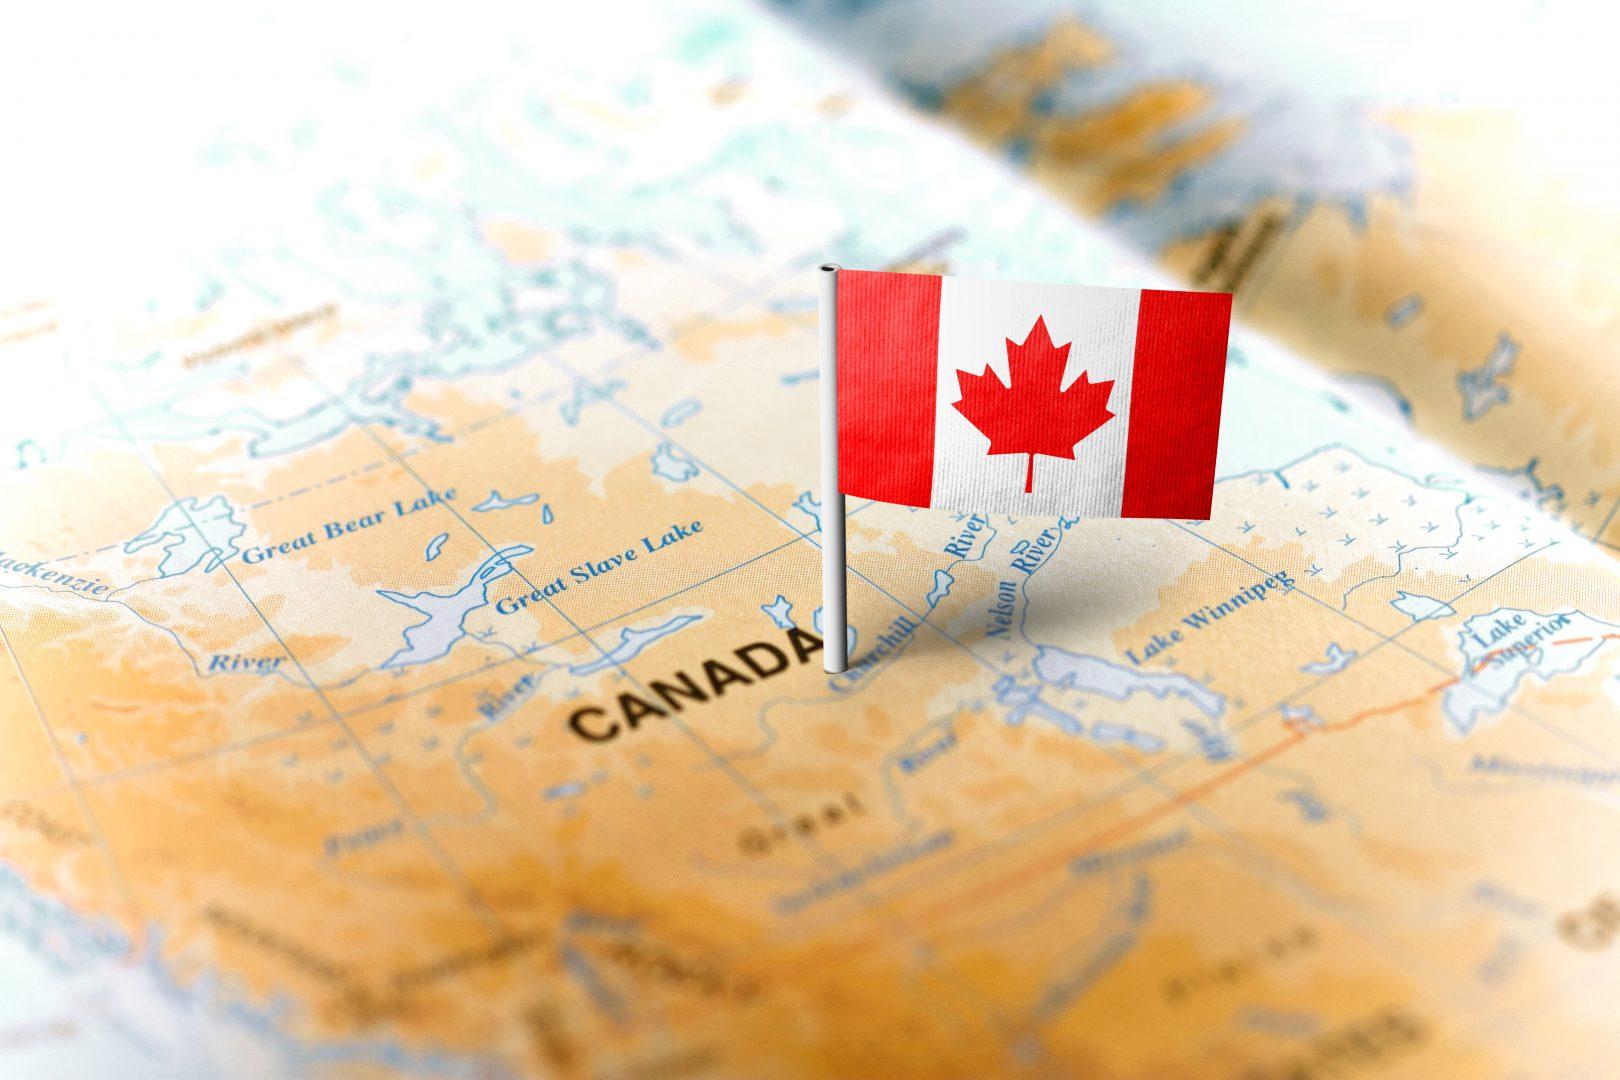 Lịch Tư Vấn Và Thẩm Định Hồ Sơ Canada Trực Tiếp Cùng Chuyên Viên Di Trú Năm 2020